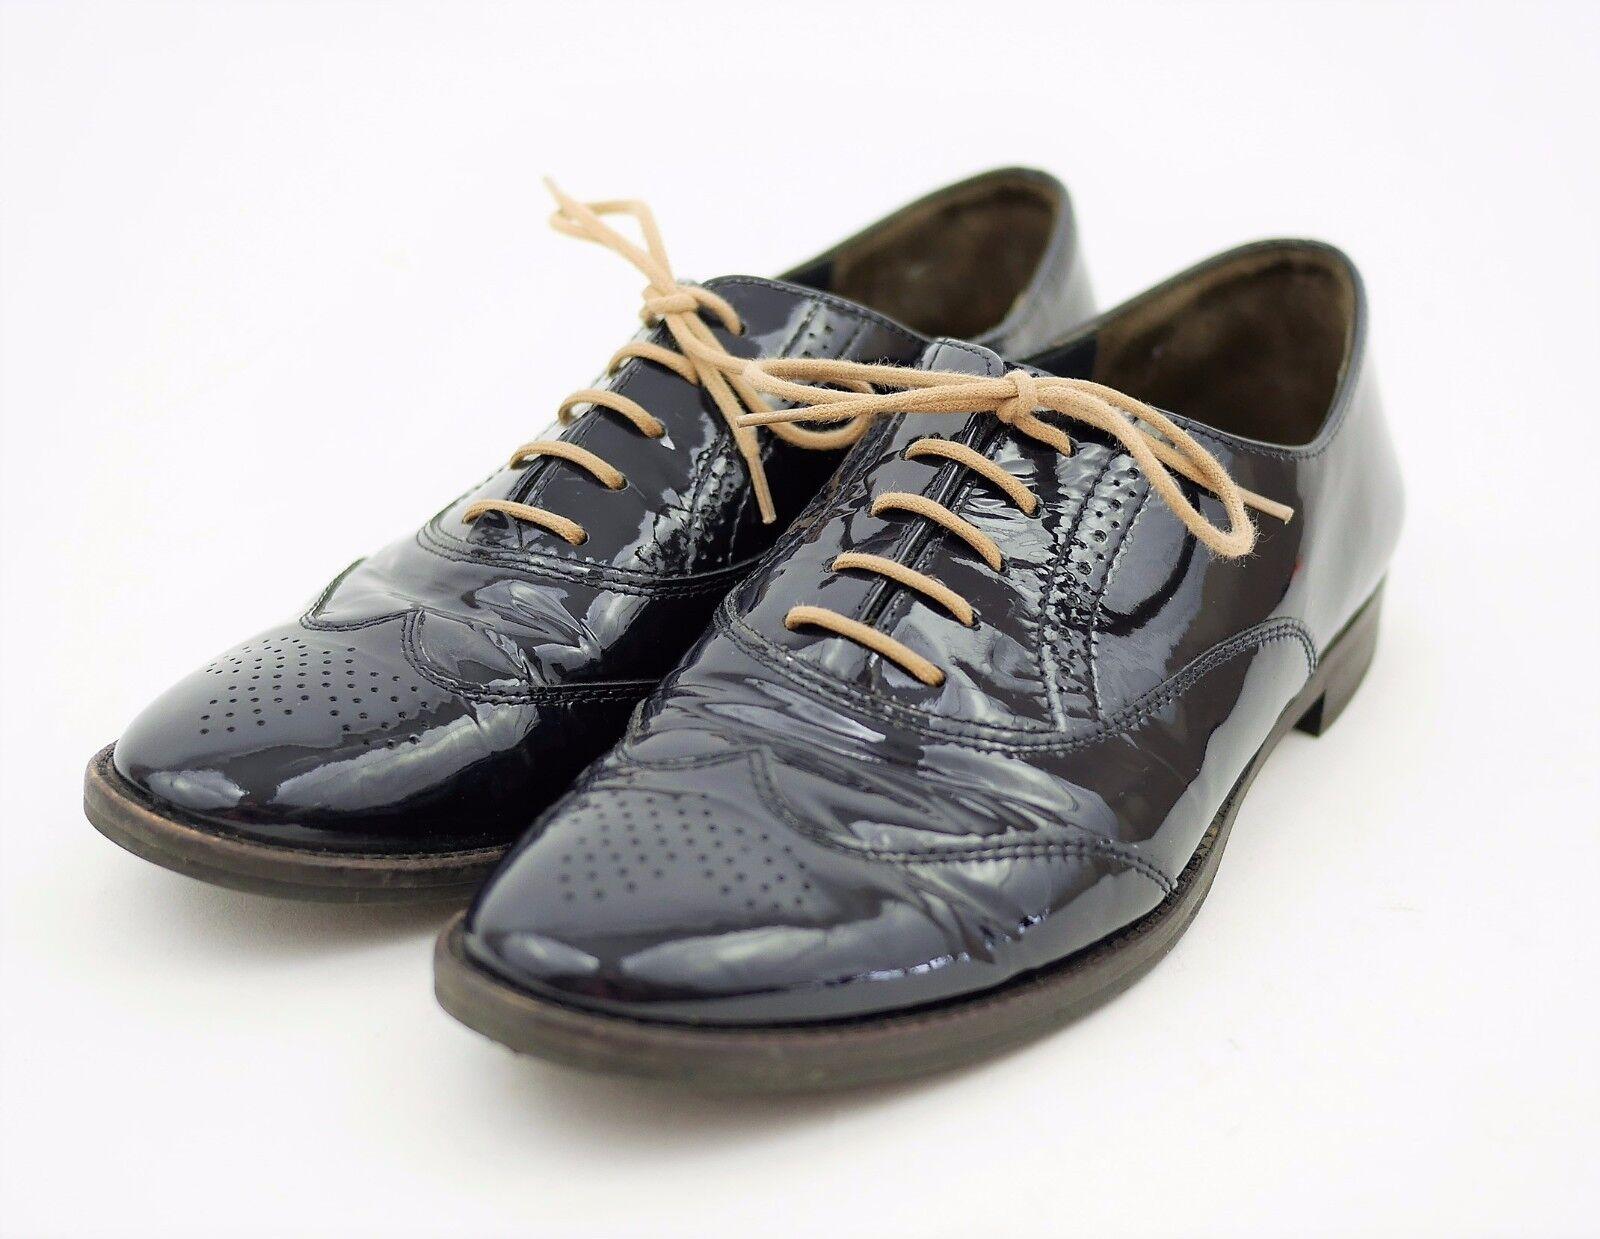 Garanzia del prezzo al 100% PAUL verde Munchen Navy blu Patent Leather Wingtip Oxfords Oxfords Oxfords Laced scarpe Uomo 6.5  risposta prima volta